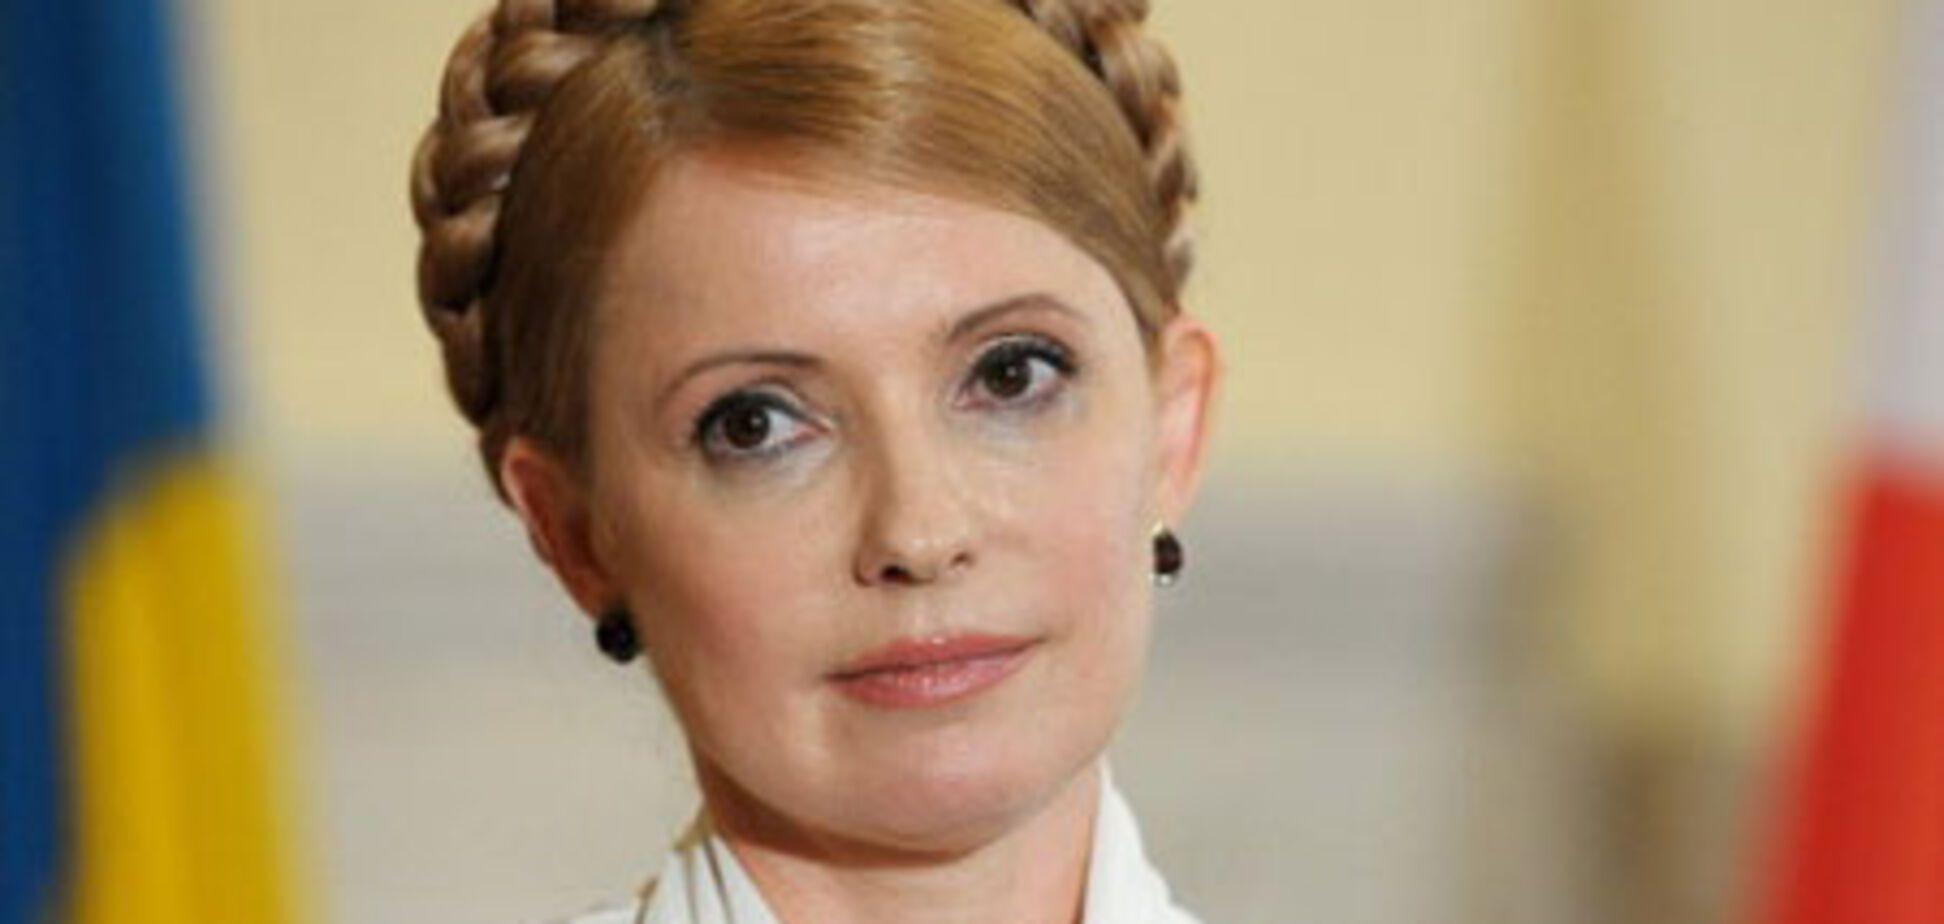 Сьогодні Тимошенко повинна прийти в прокуратуру